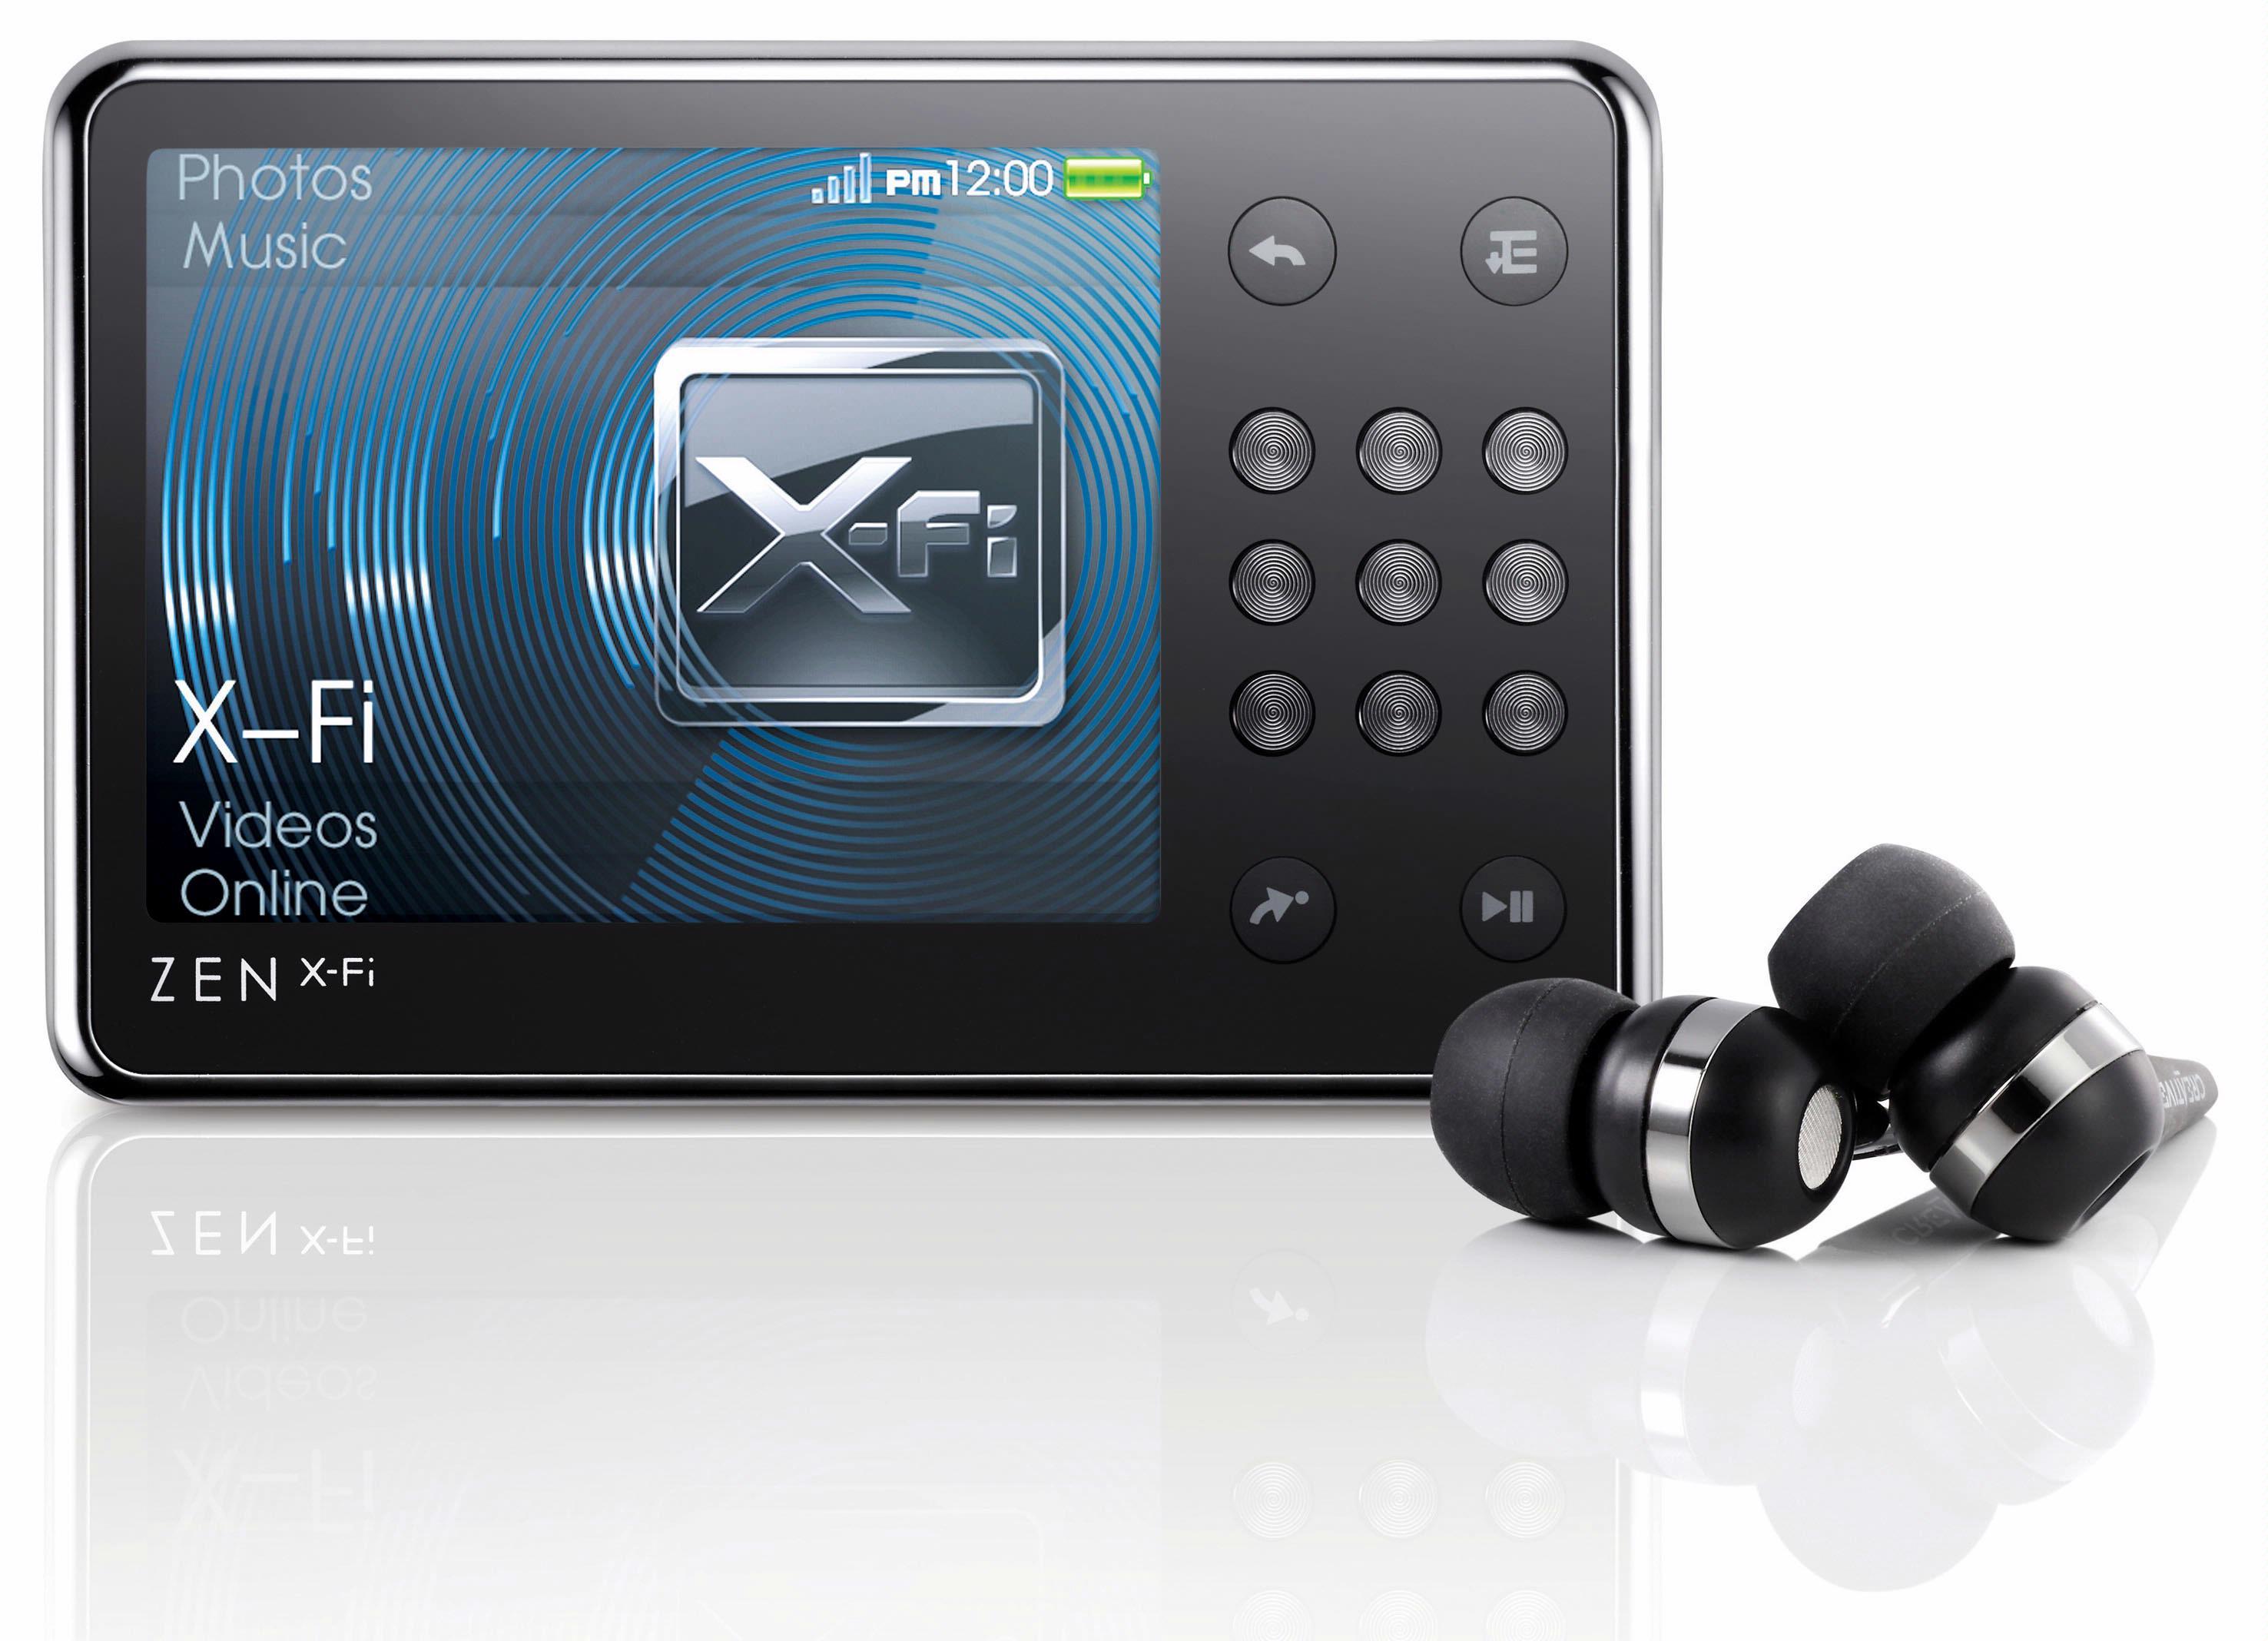 Zen X-Fi is uitgerust met WiFi en kan muziek streamen vanaf een pc.